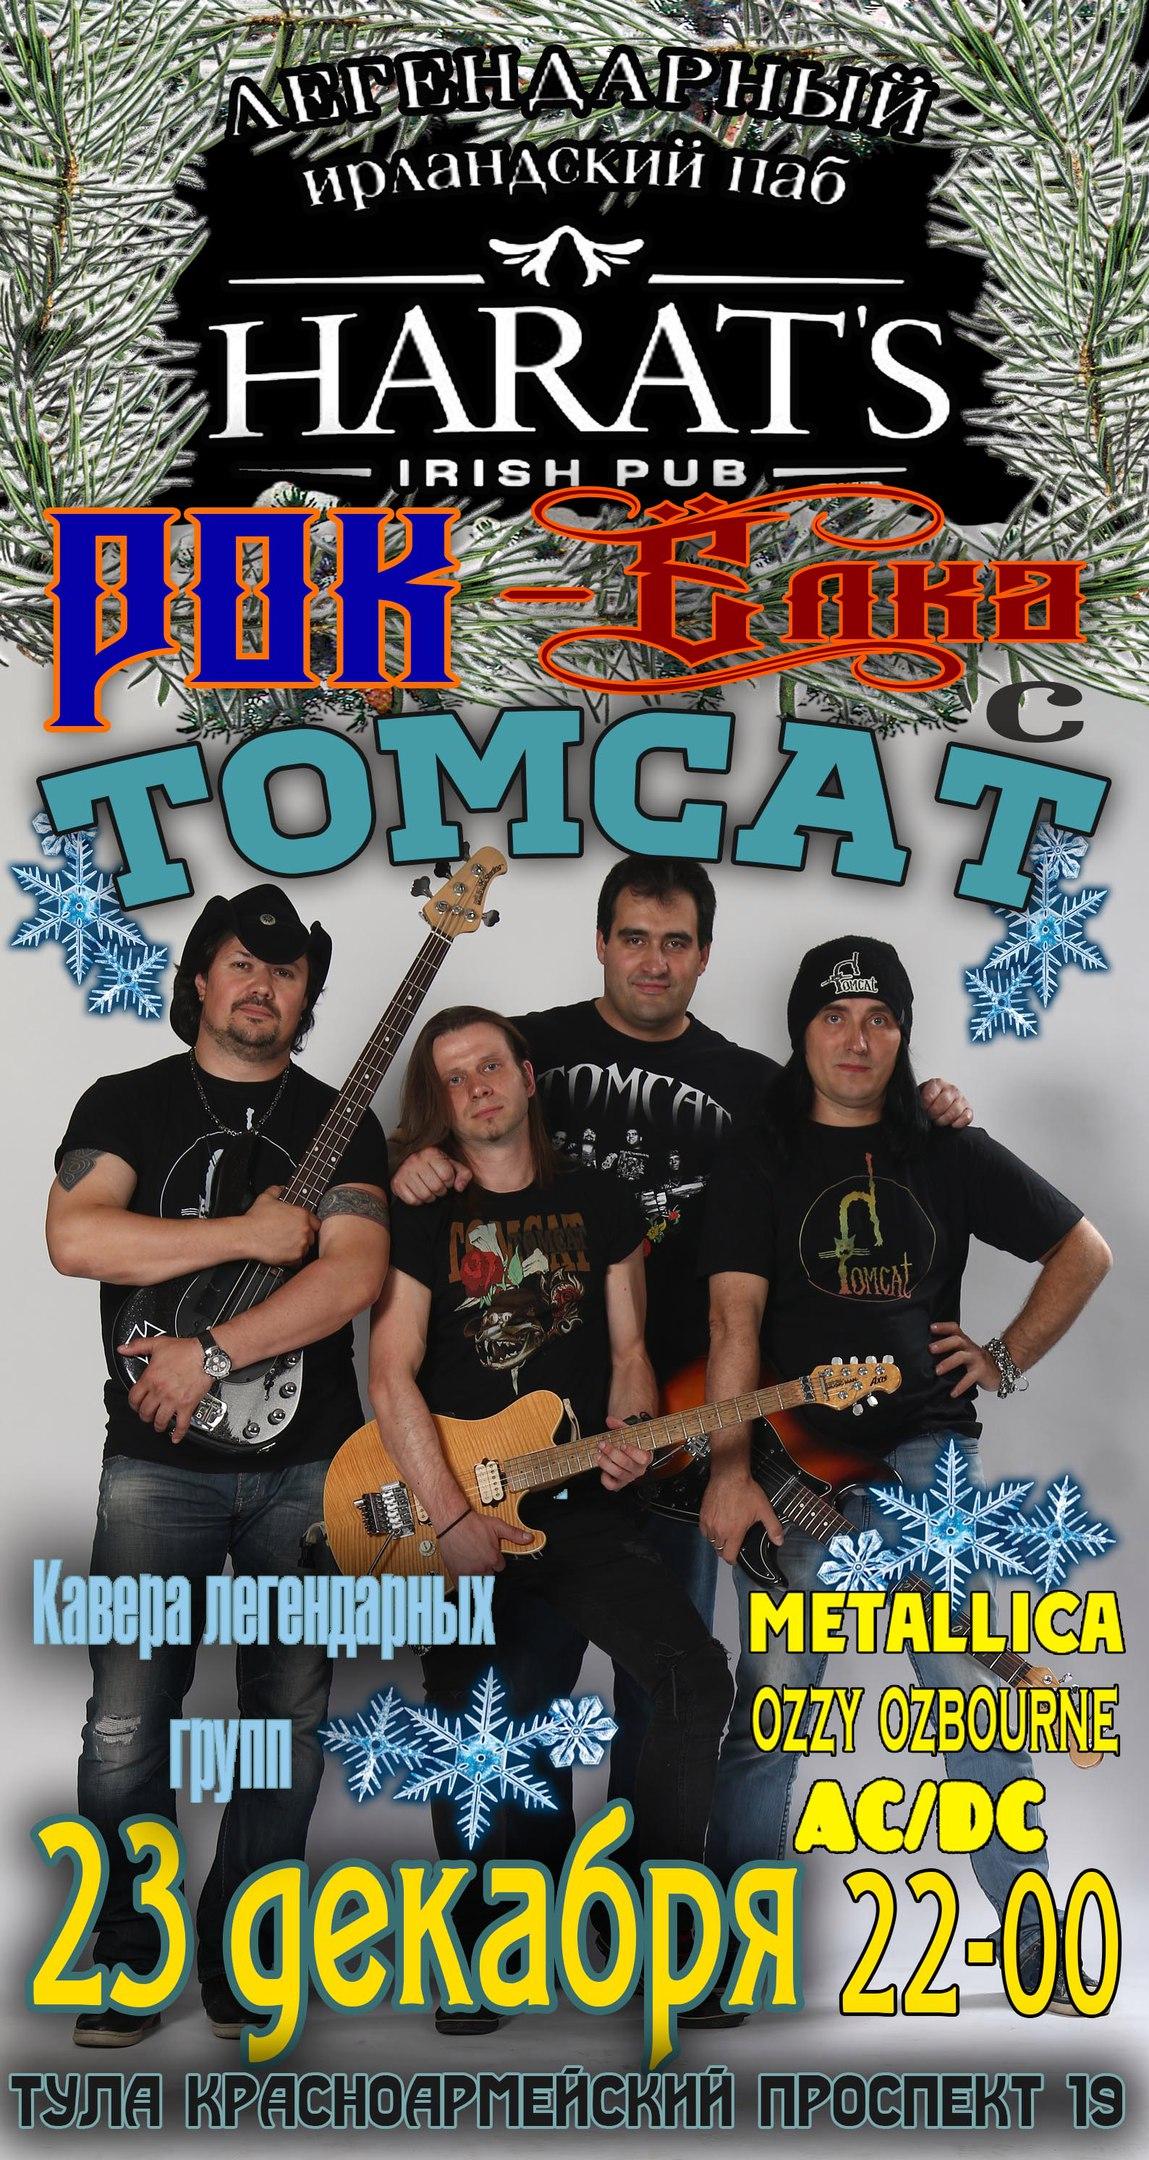 23.12 - РОК-ЕЛКА c TOMCAT - Harats Pub (Тула)